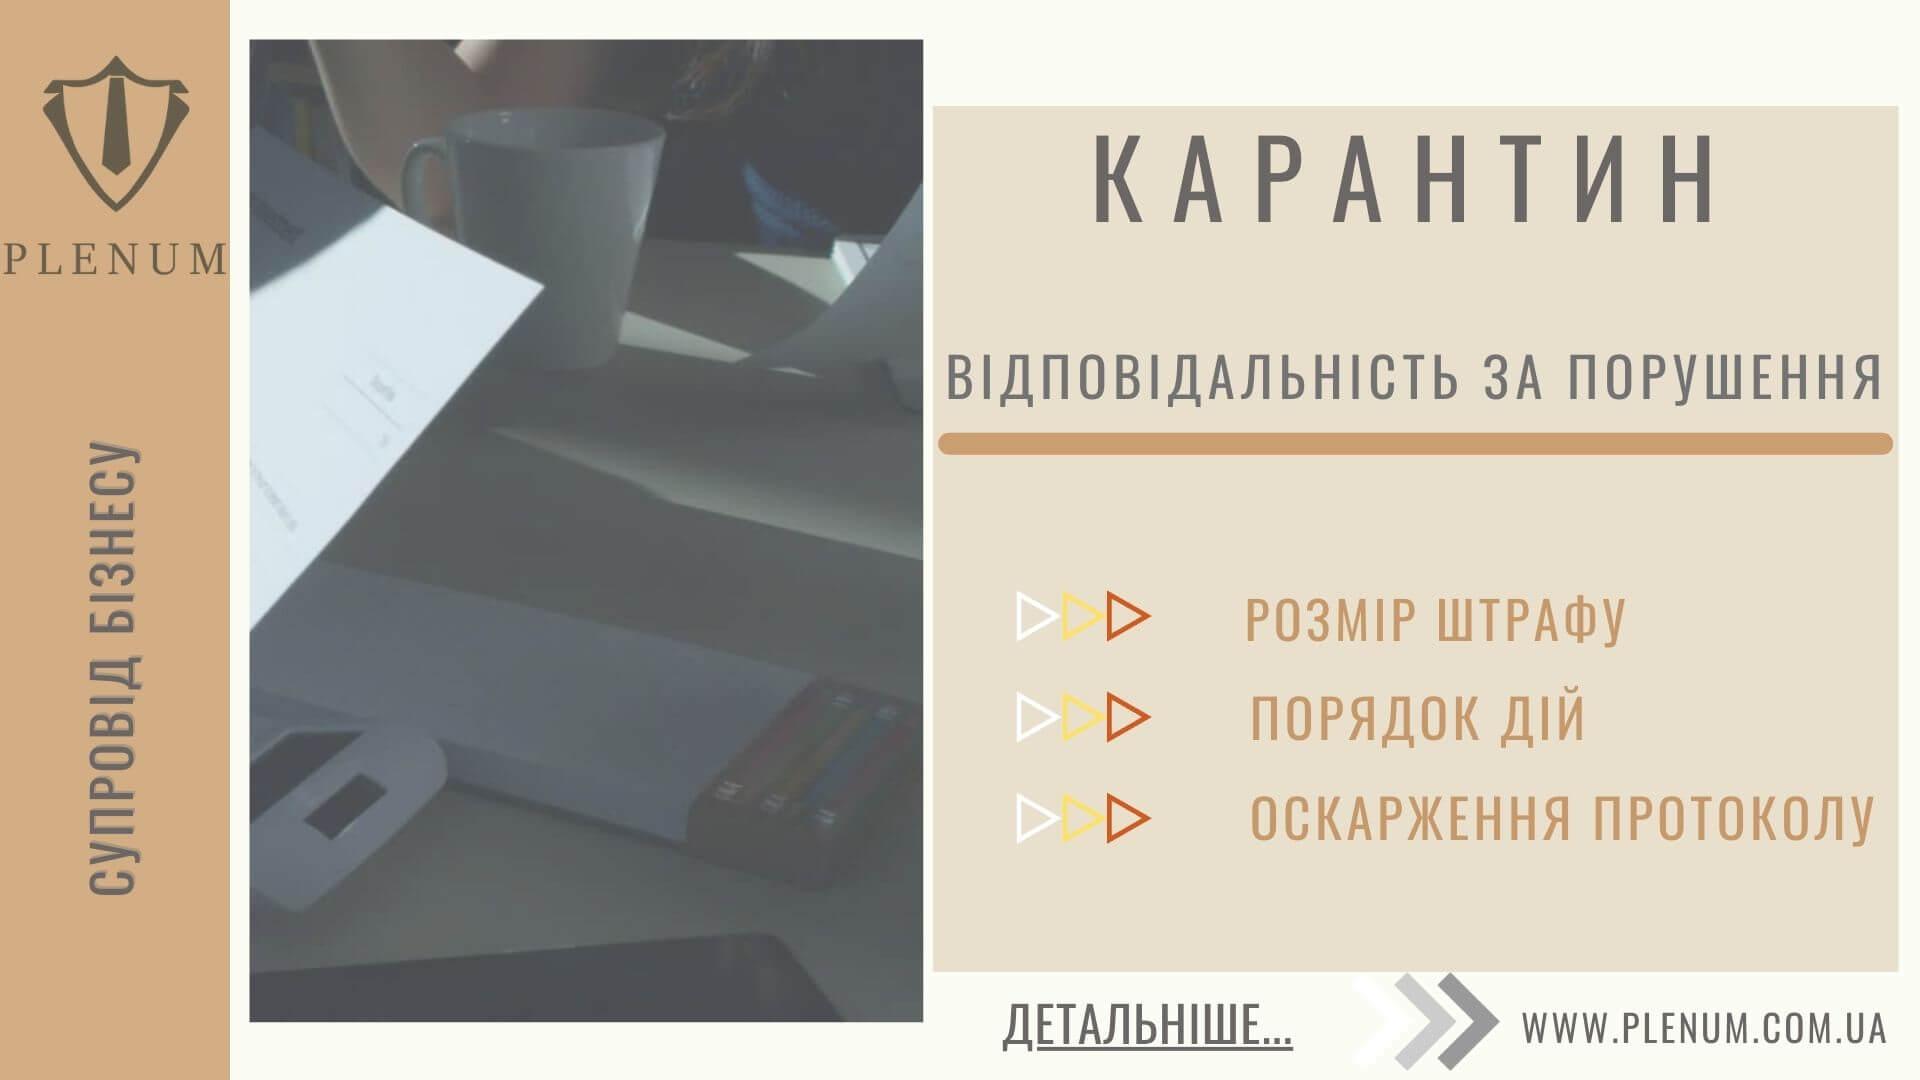 Протокол за порушення карантину на підставі статті 44-3 КУпАП